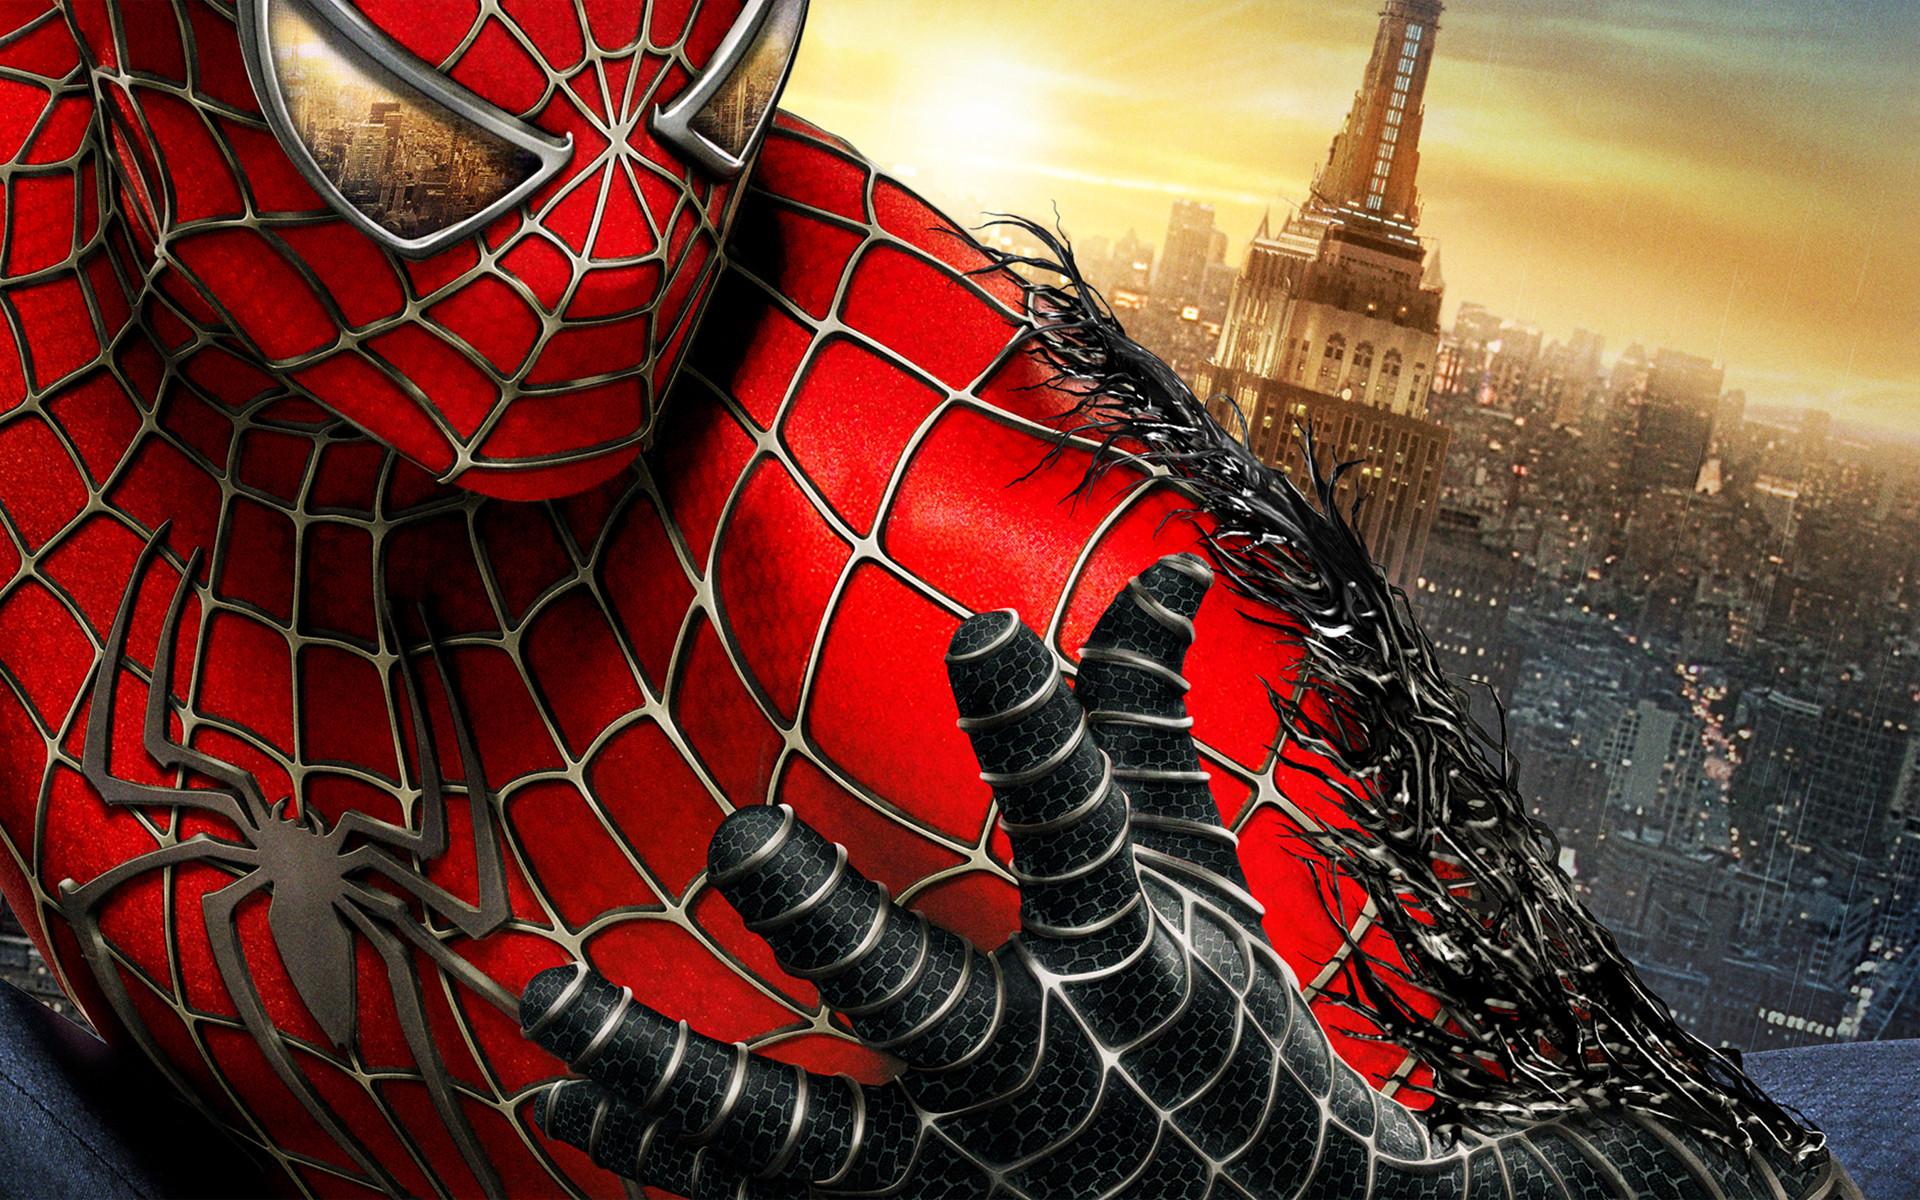 HD Wallpaper Spiderman